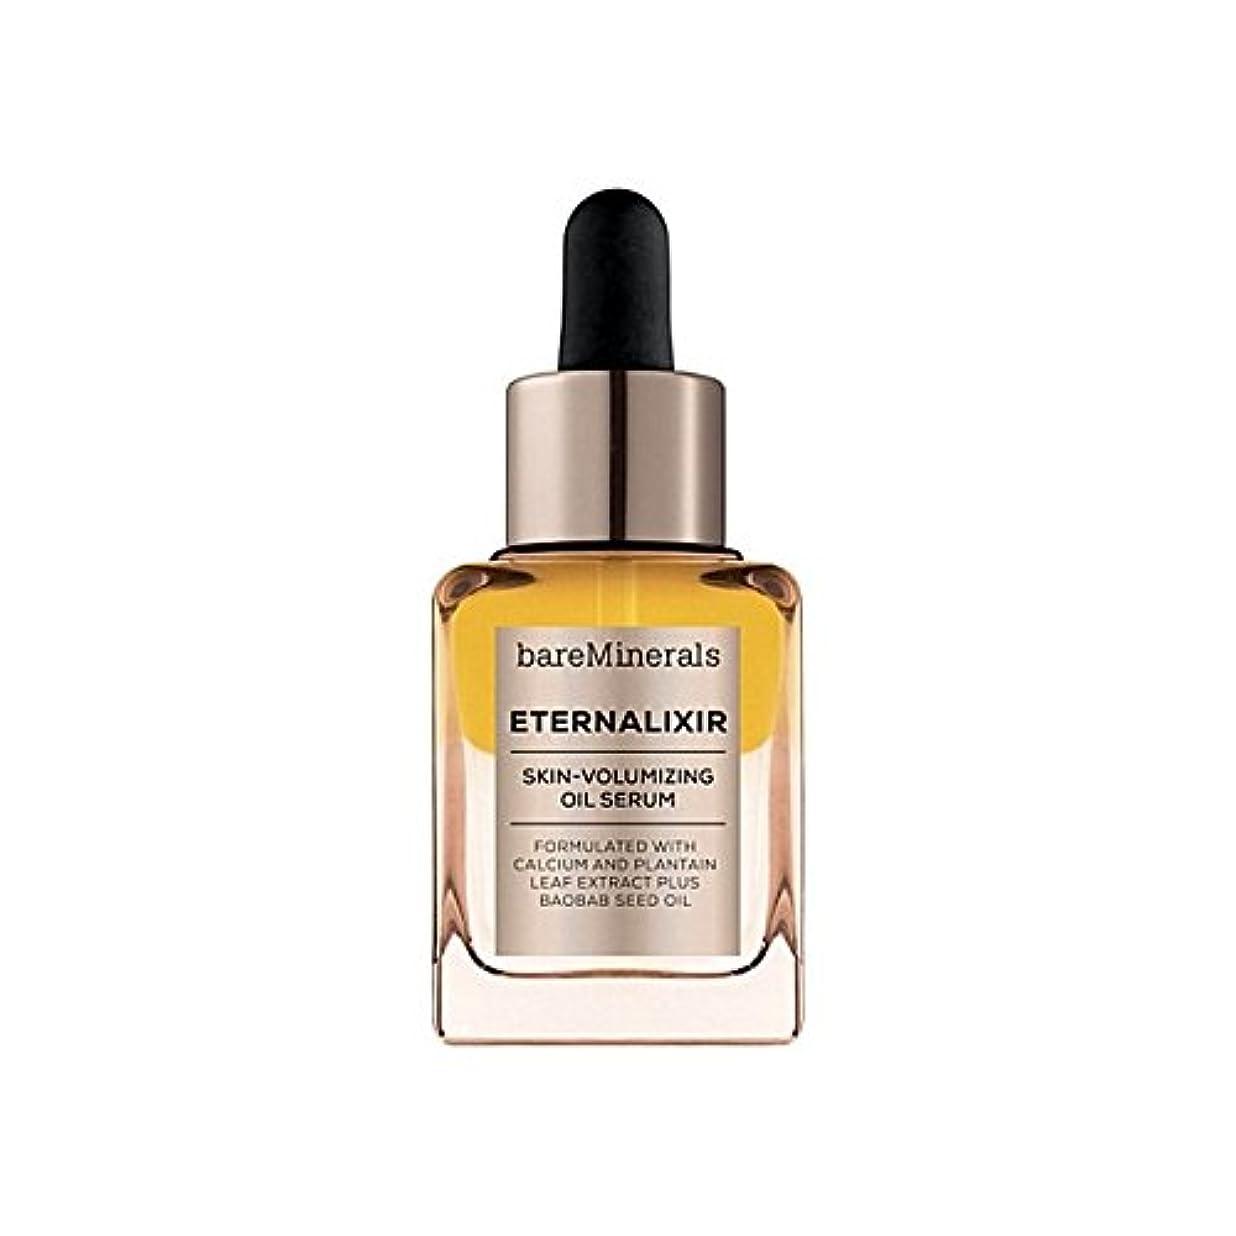 私達論争の的に向けて出発Bare Minerals Externalixir Skin Volumising Oil Serum 30Ml (Pack of 6) - ベアミネラル皮膚オイルセラム30 x6 [並行輸入品]